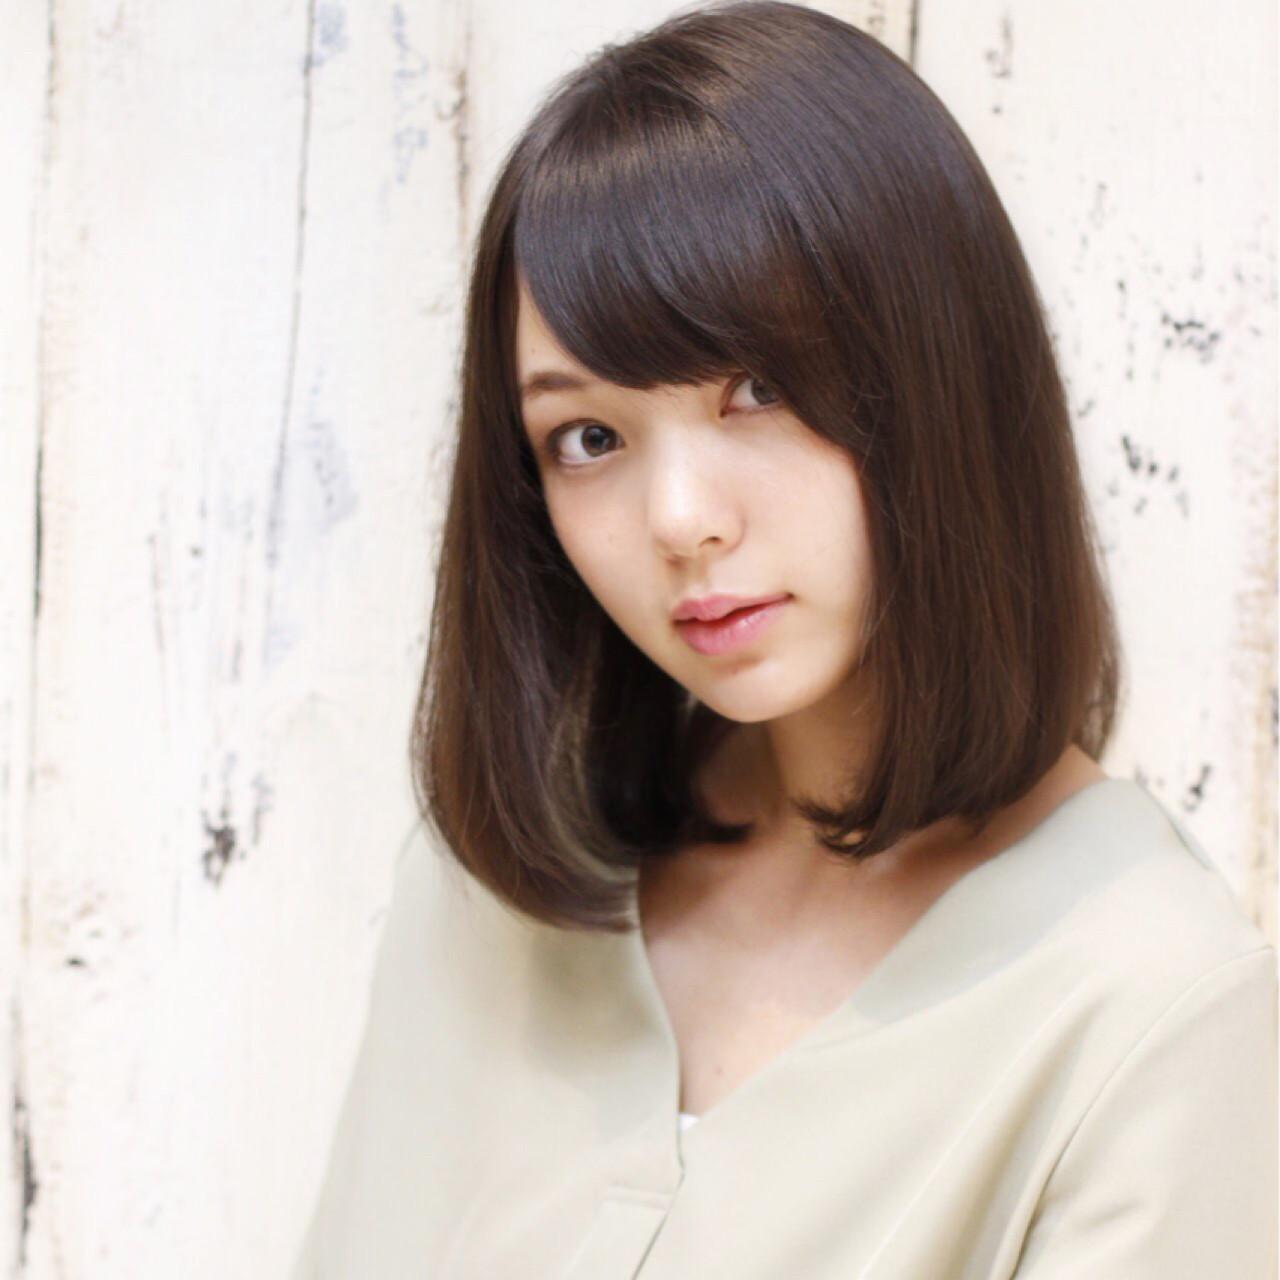 透明感 秋 ナチュラル 黒髪 ヘアスタイルや髪型の写真・画像